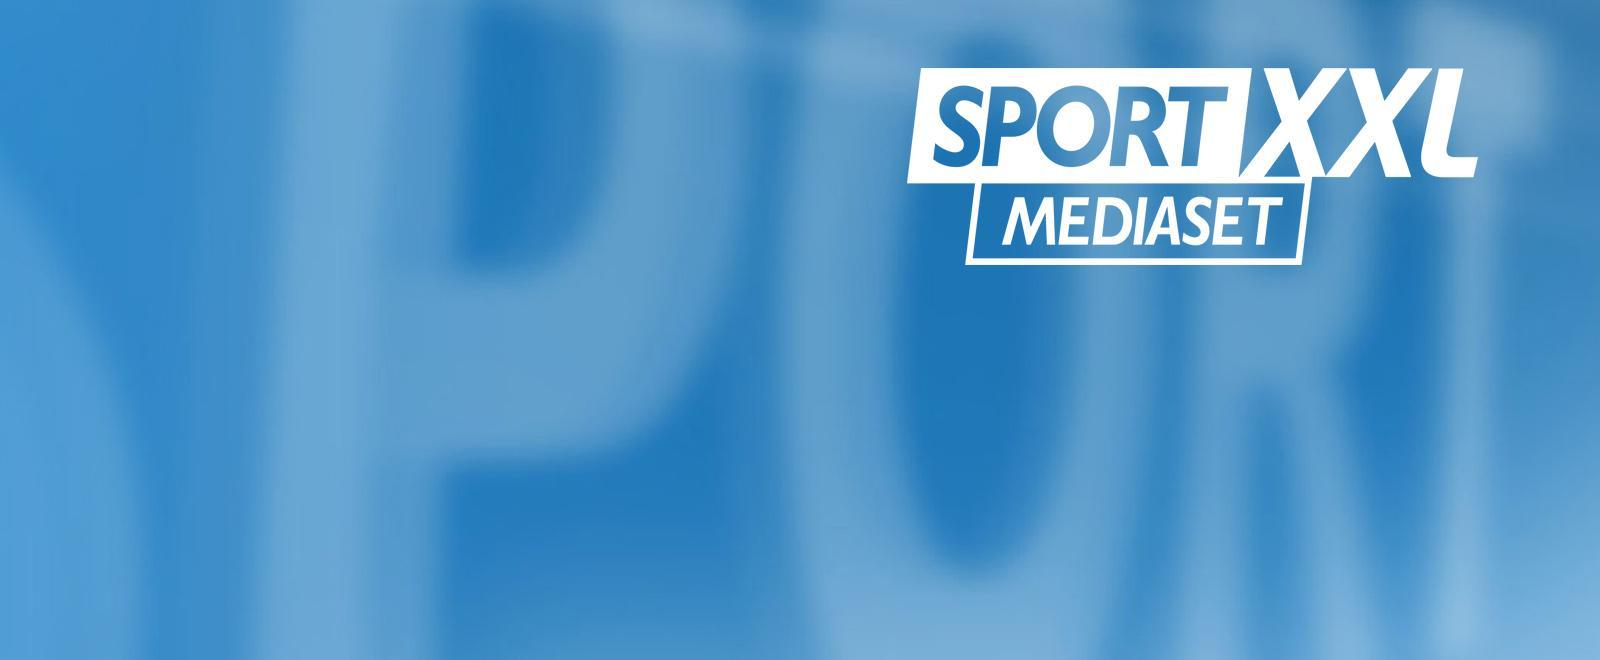 Sport Mediaset XXL